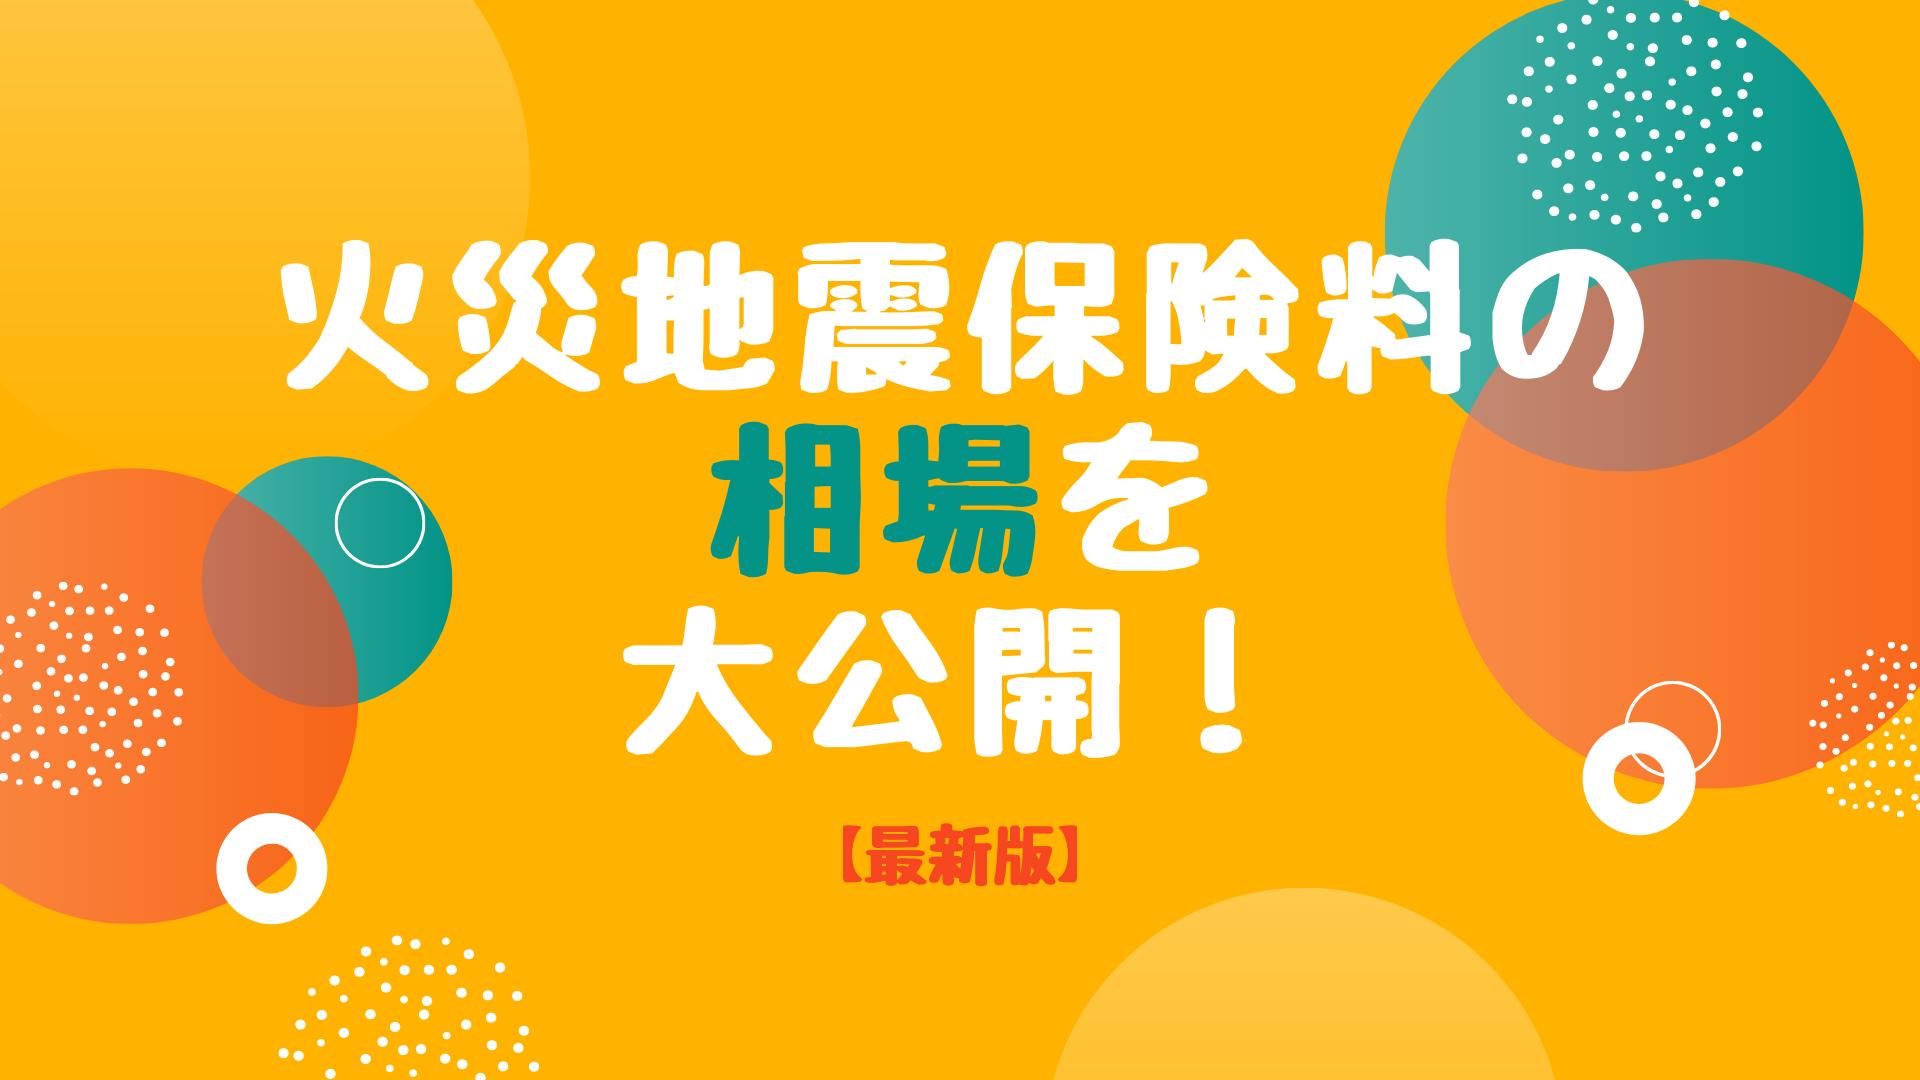 火災地震保険の相場(一戸建て・マンション)を大公開!【最新版】